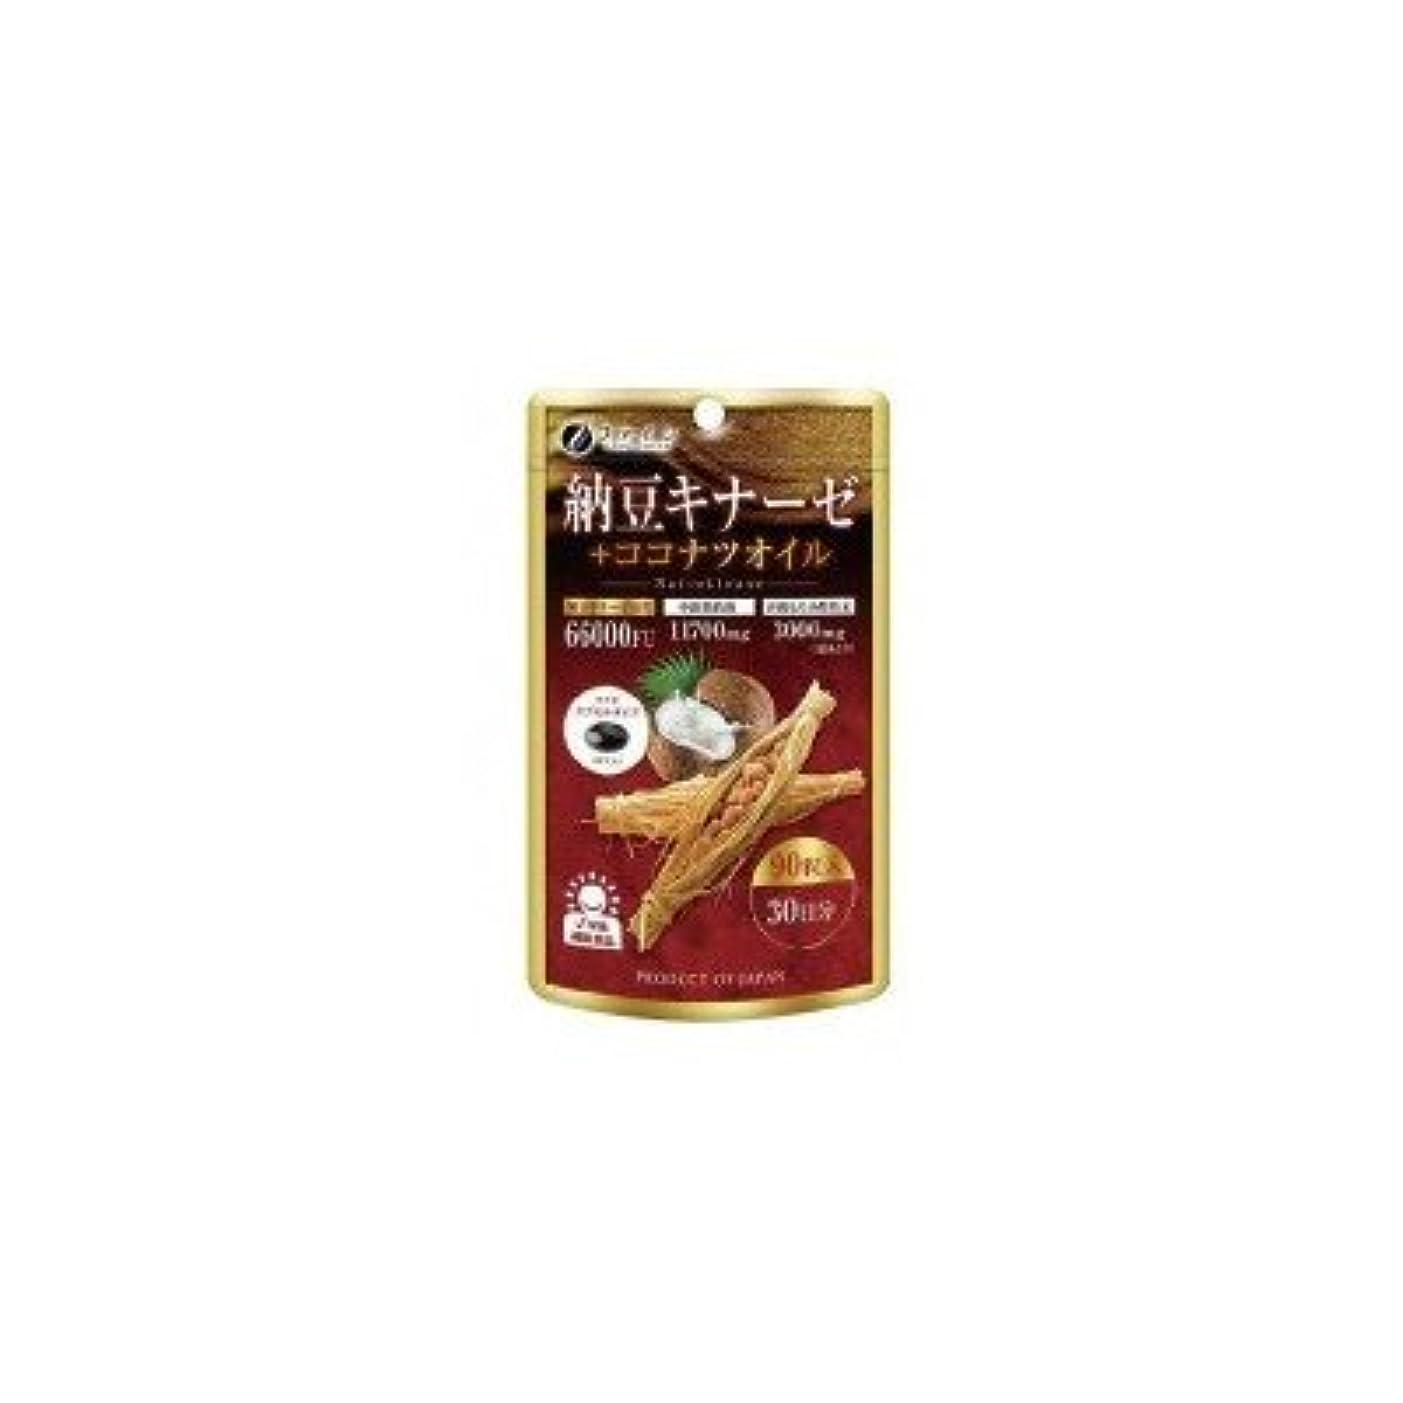 注文起きろヤングファイン 納豆キナーゼ+ココナツオイル 40.5g(450mg×90粒)